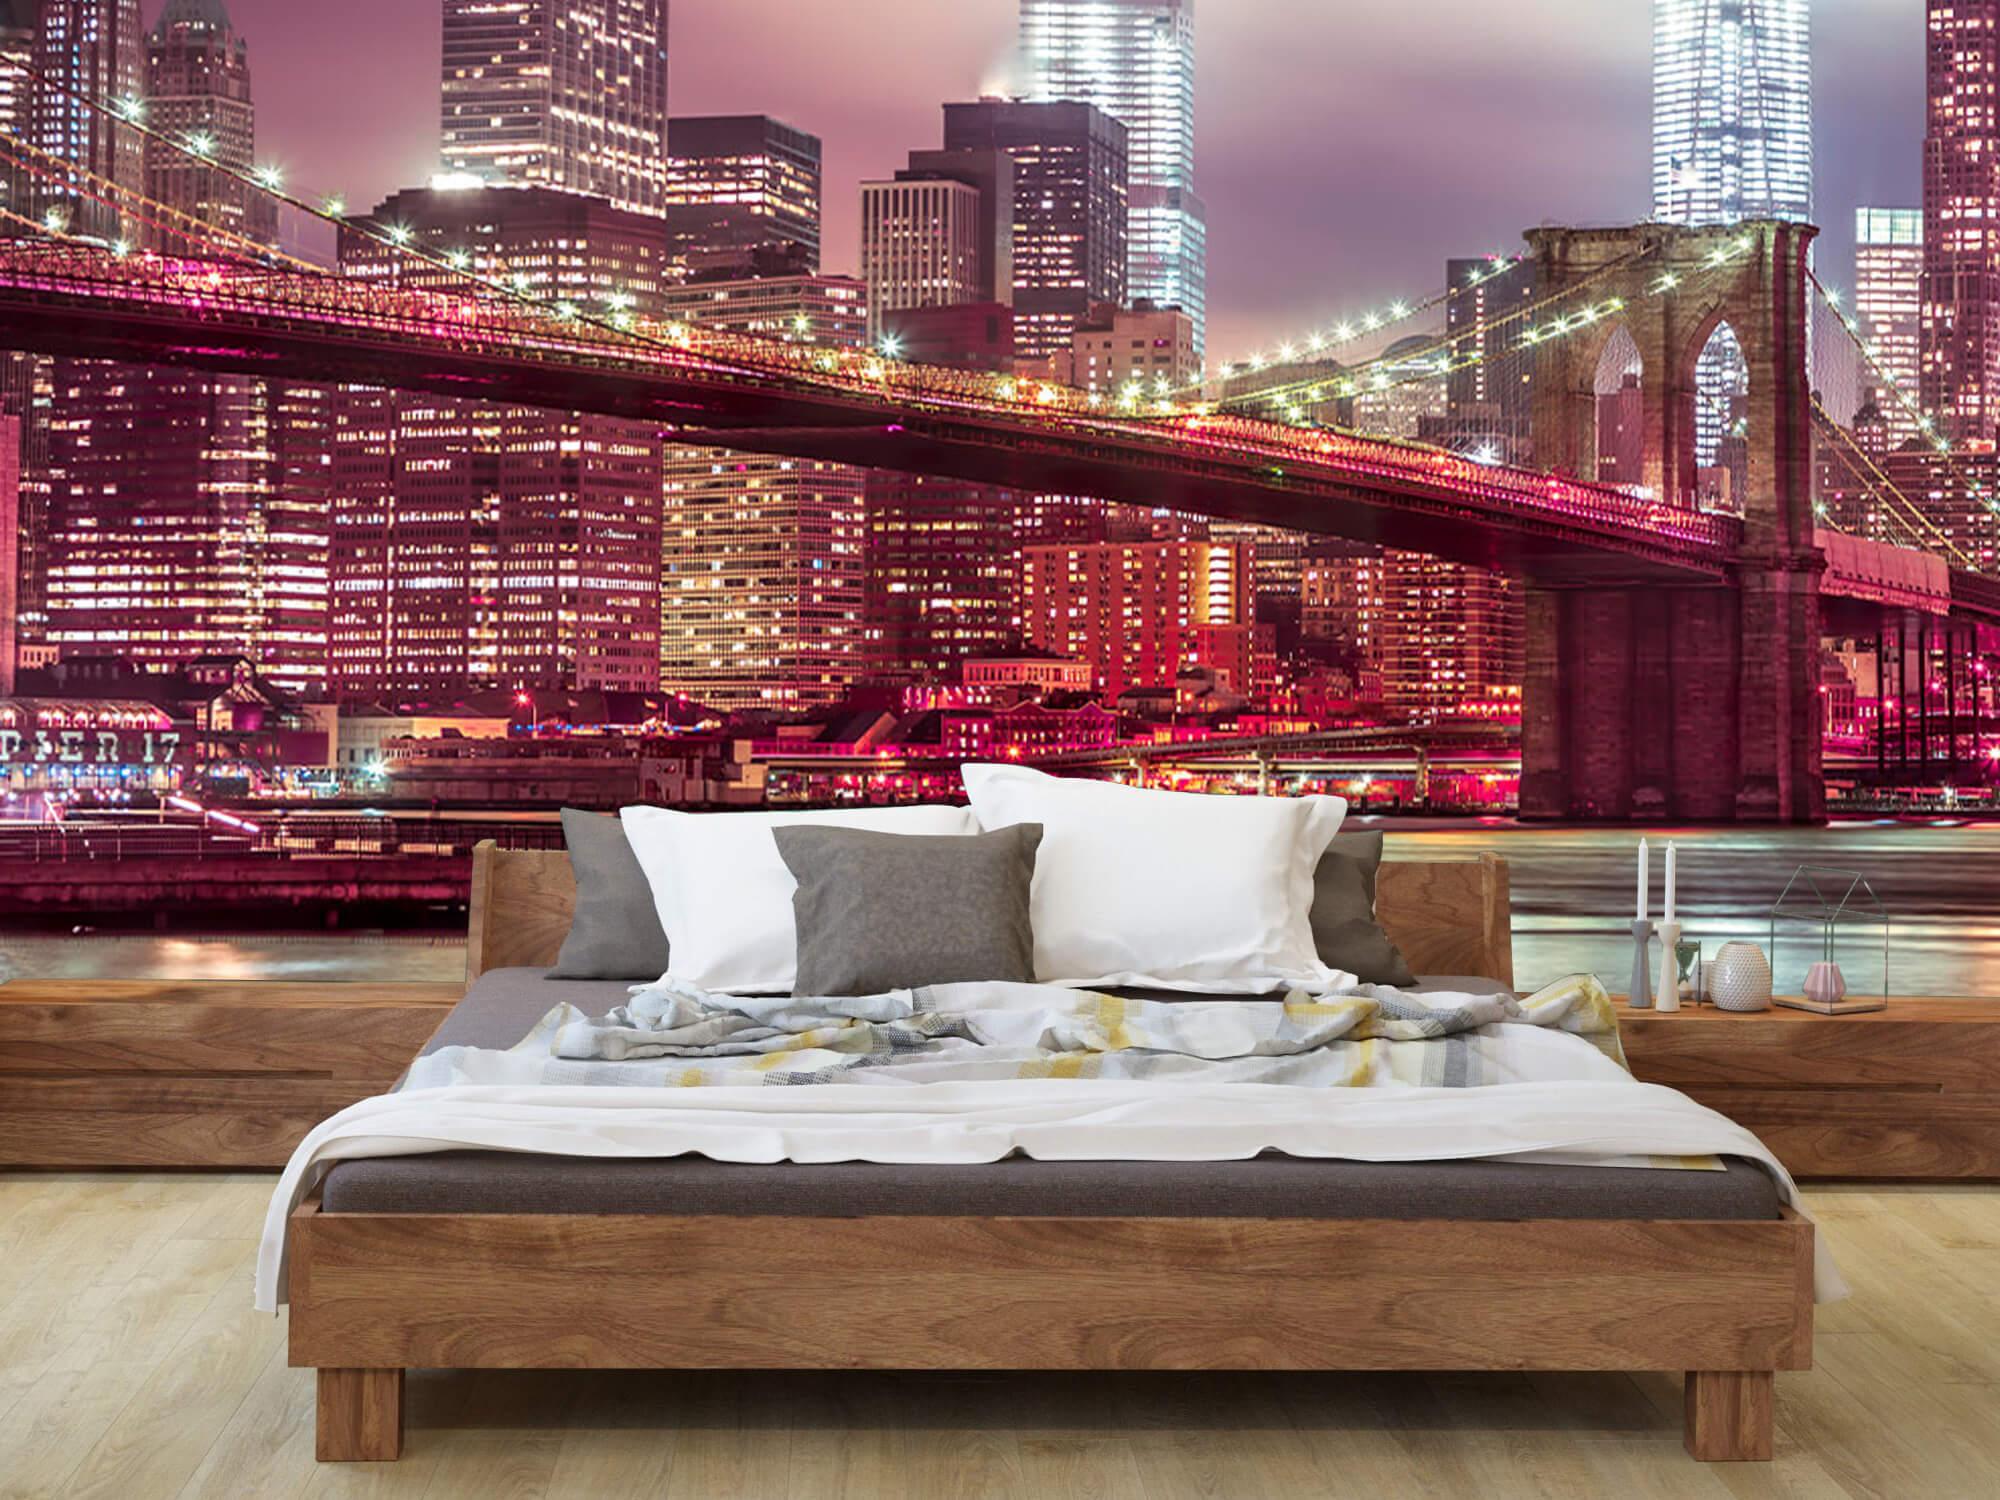 Evening in Manhattan 11